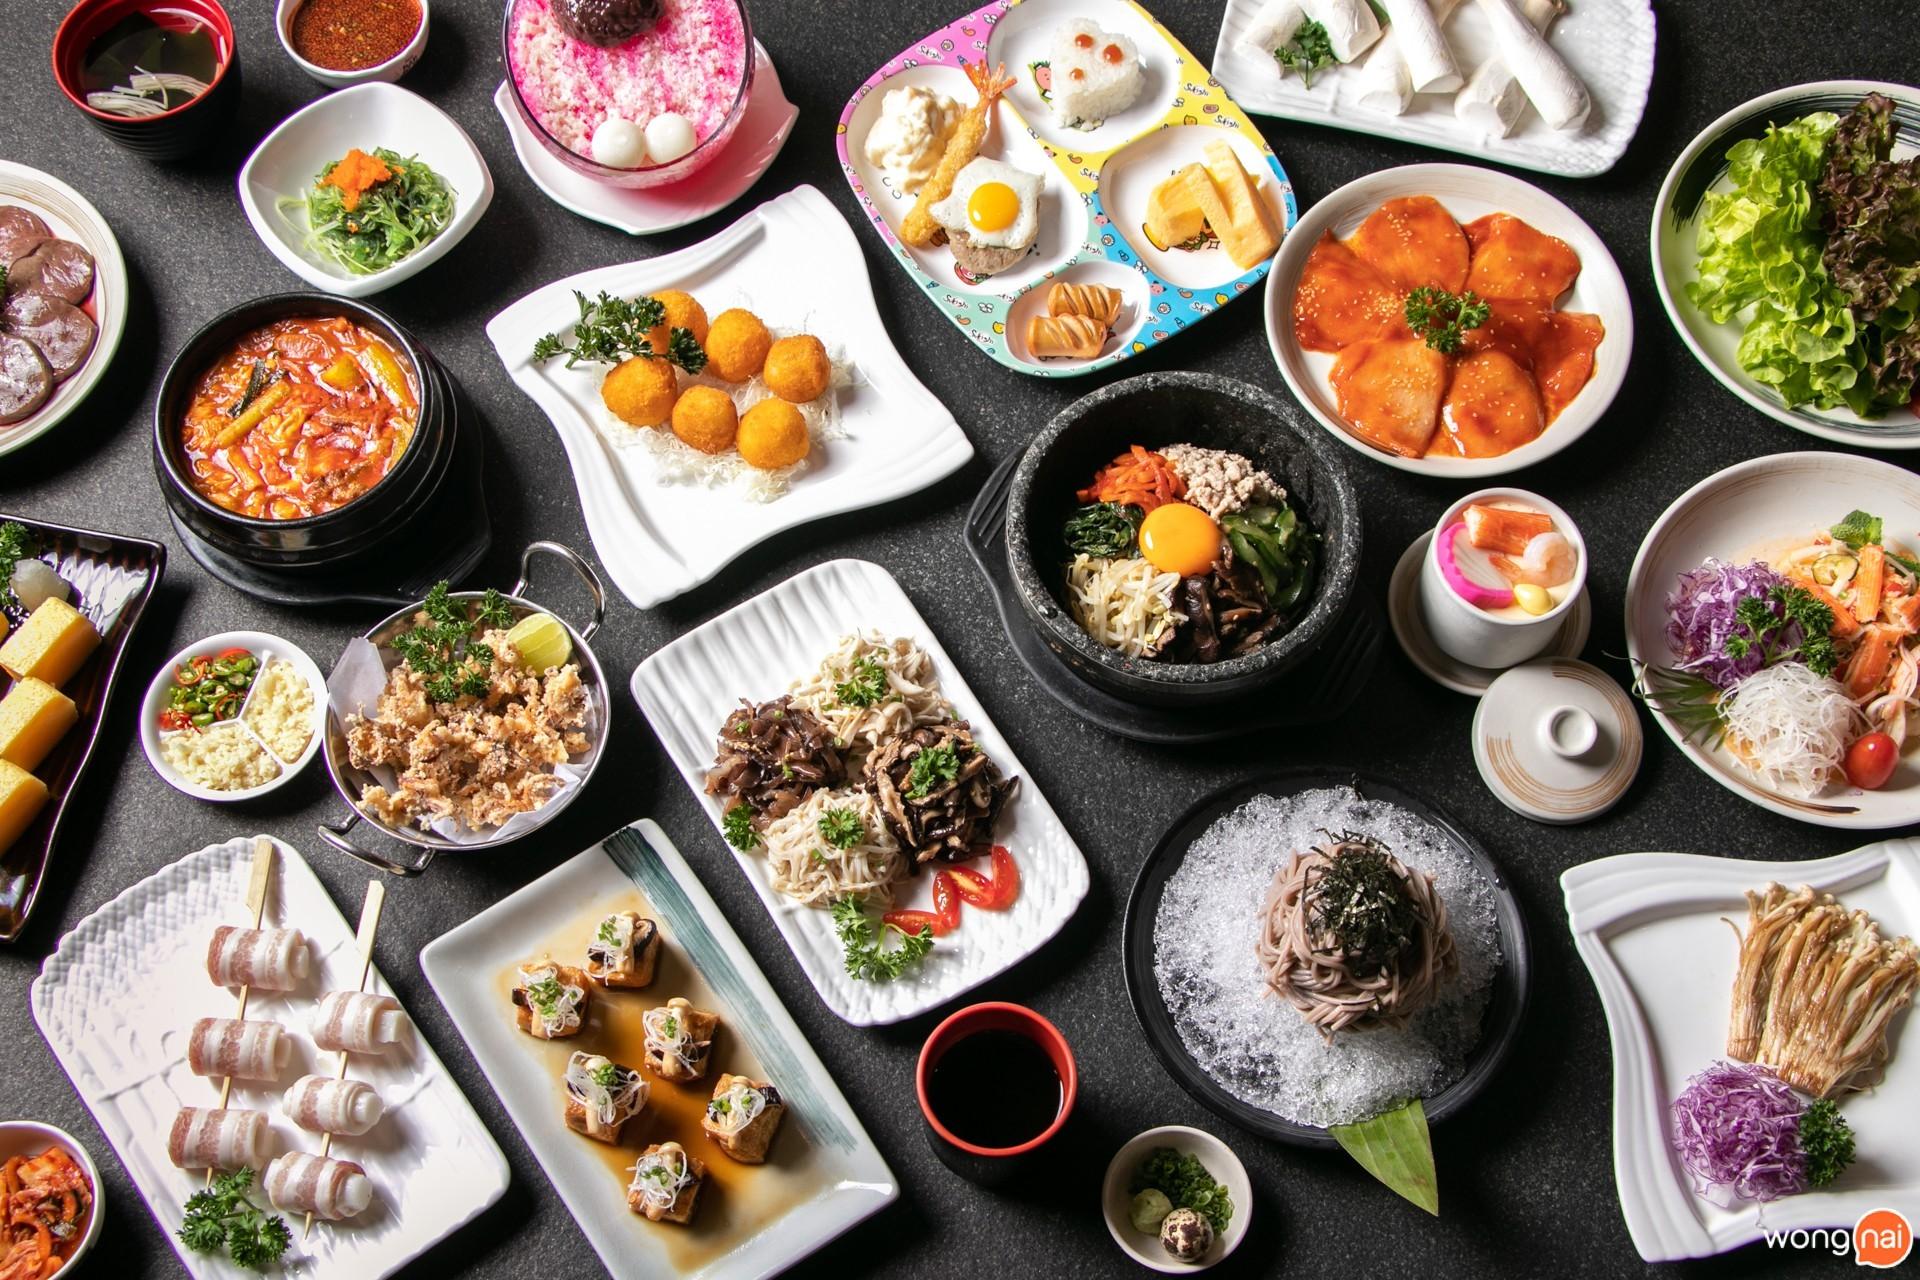 """รวมพลเมนู """"ฉลองครบ 19th Anniversary อร่อยกับเมนูปกติเพียง 19 บาท"""" ของร้าน """"Sukishi"""""""